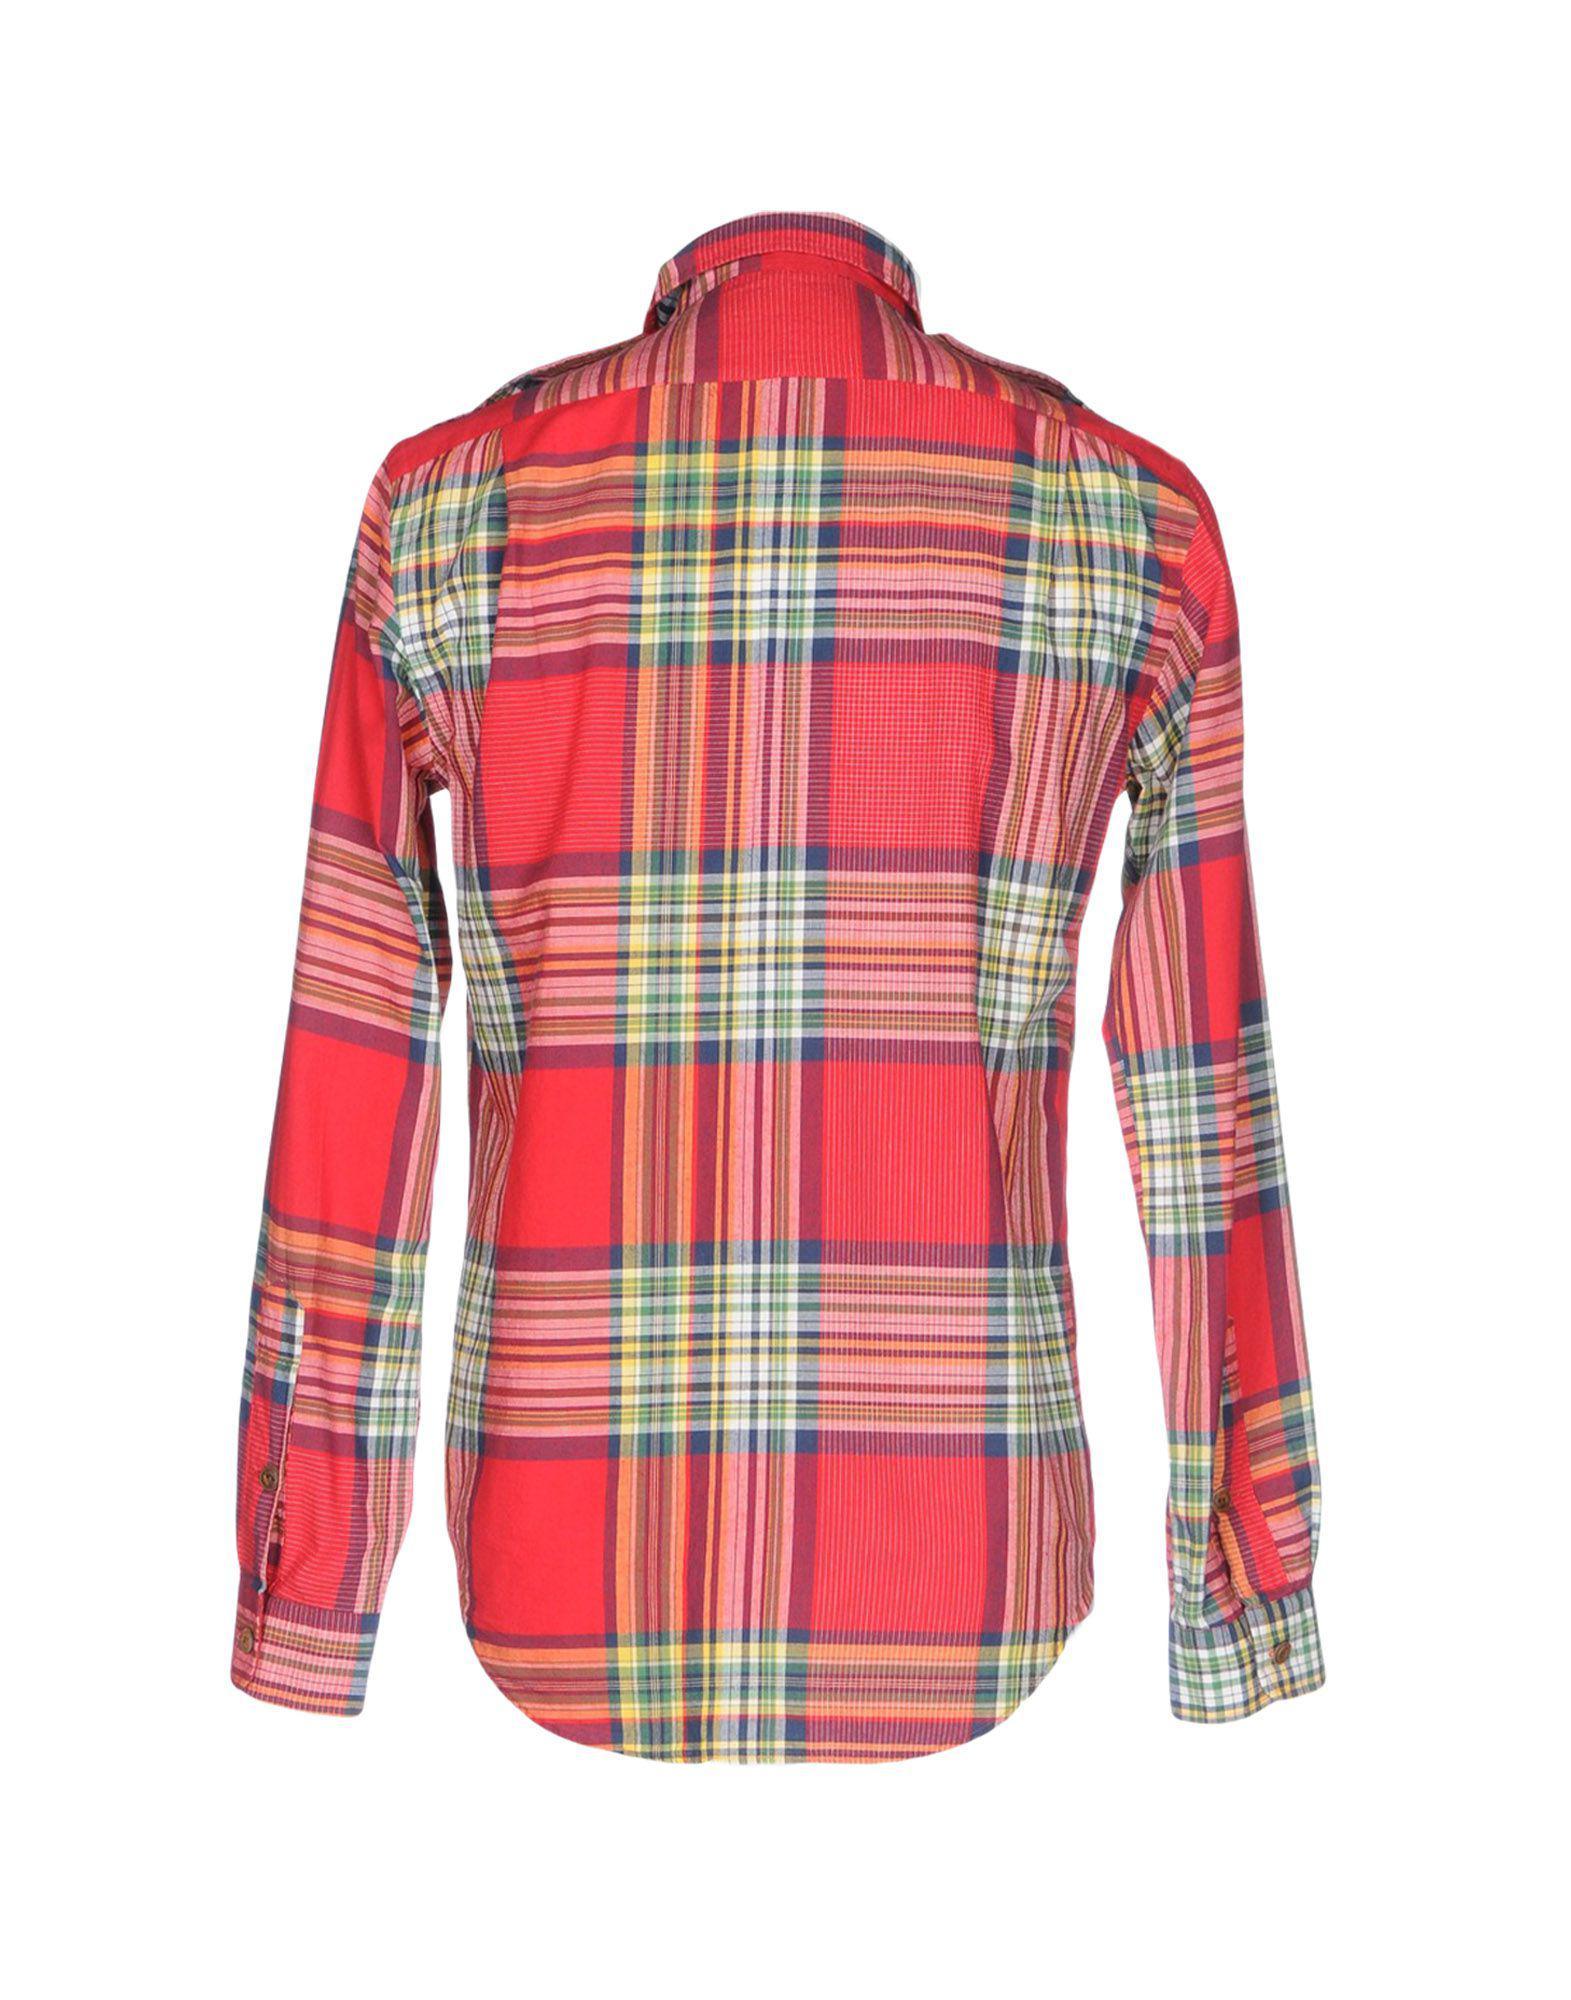 3a95afd3df17b Lyst - Chemise Polo Ralph Lauren pour homme en coloris Rouge